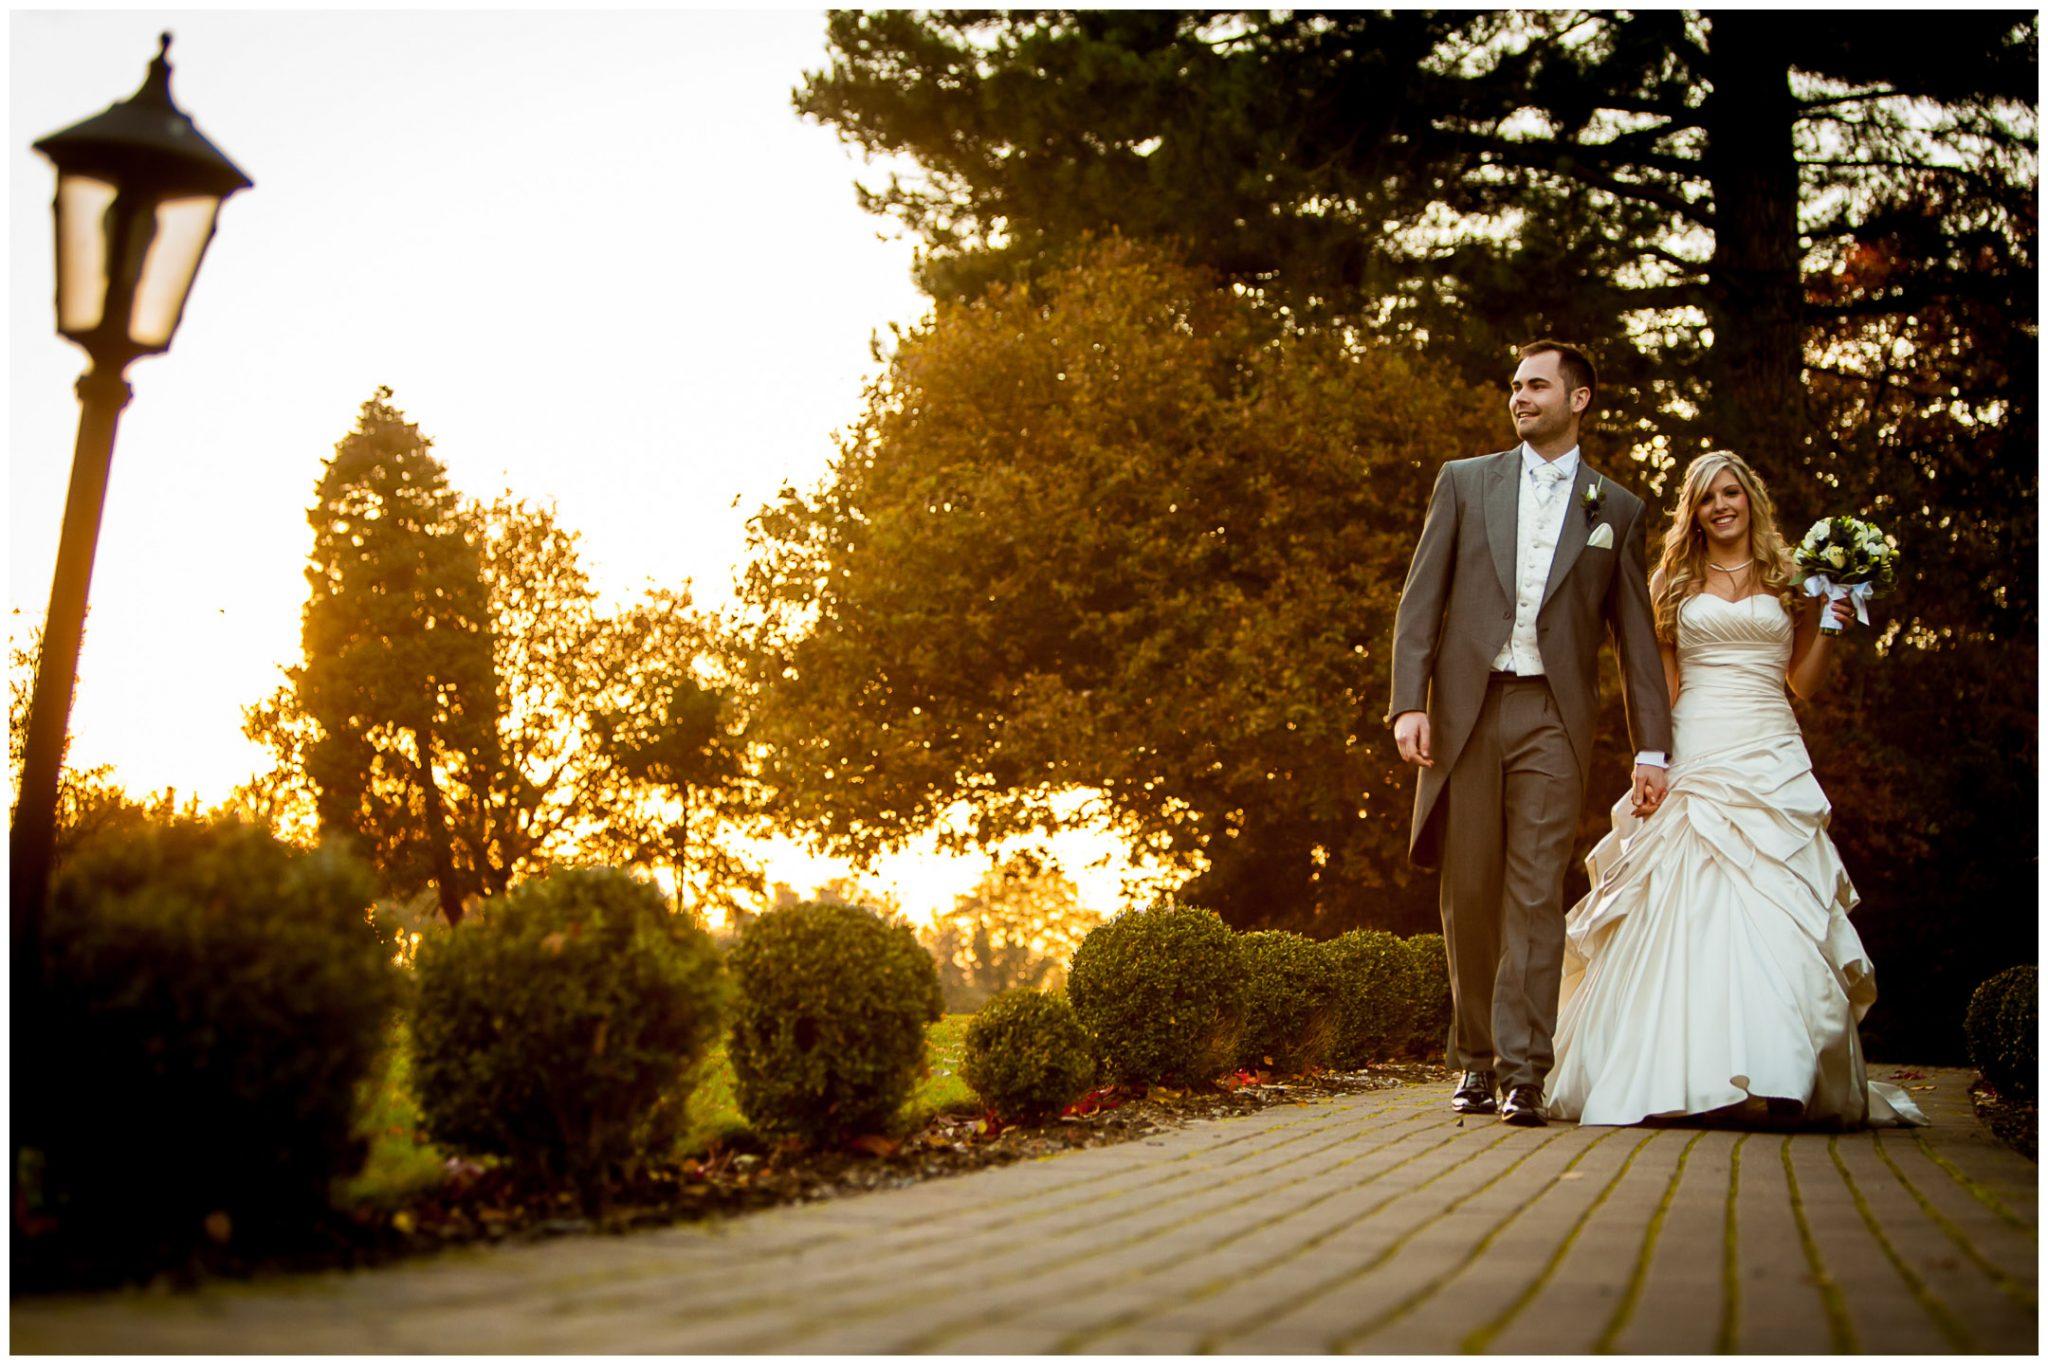 Audleys Wood wedding photography couple walking in evening sunshine